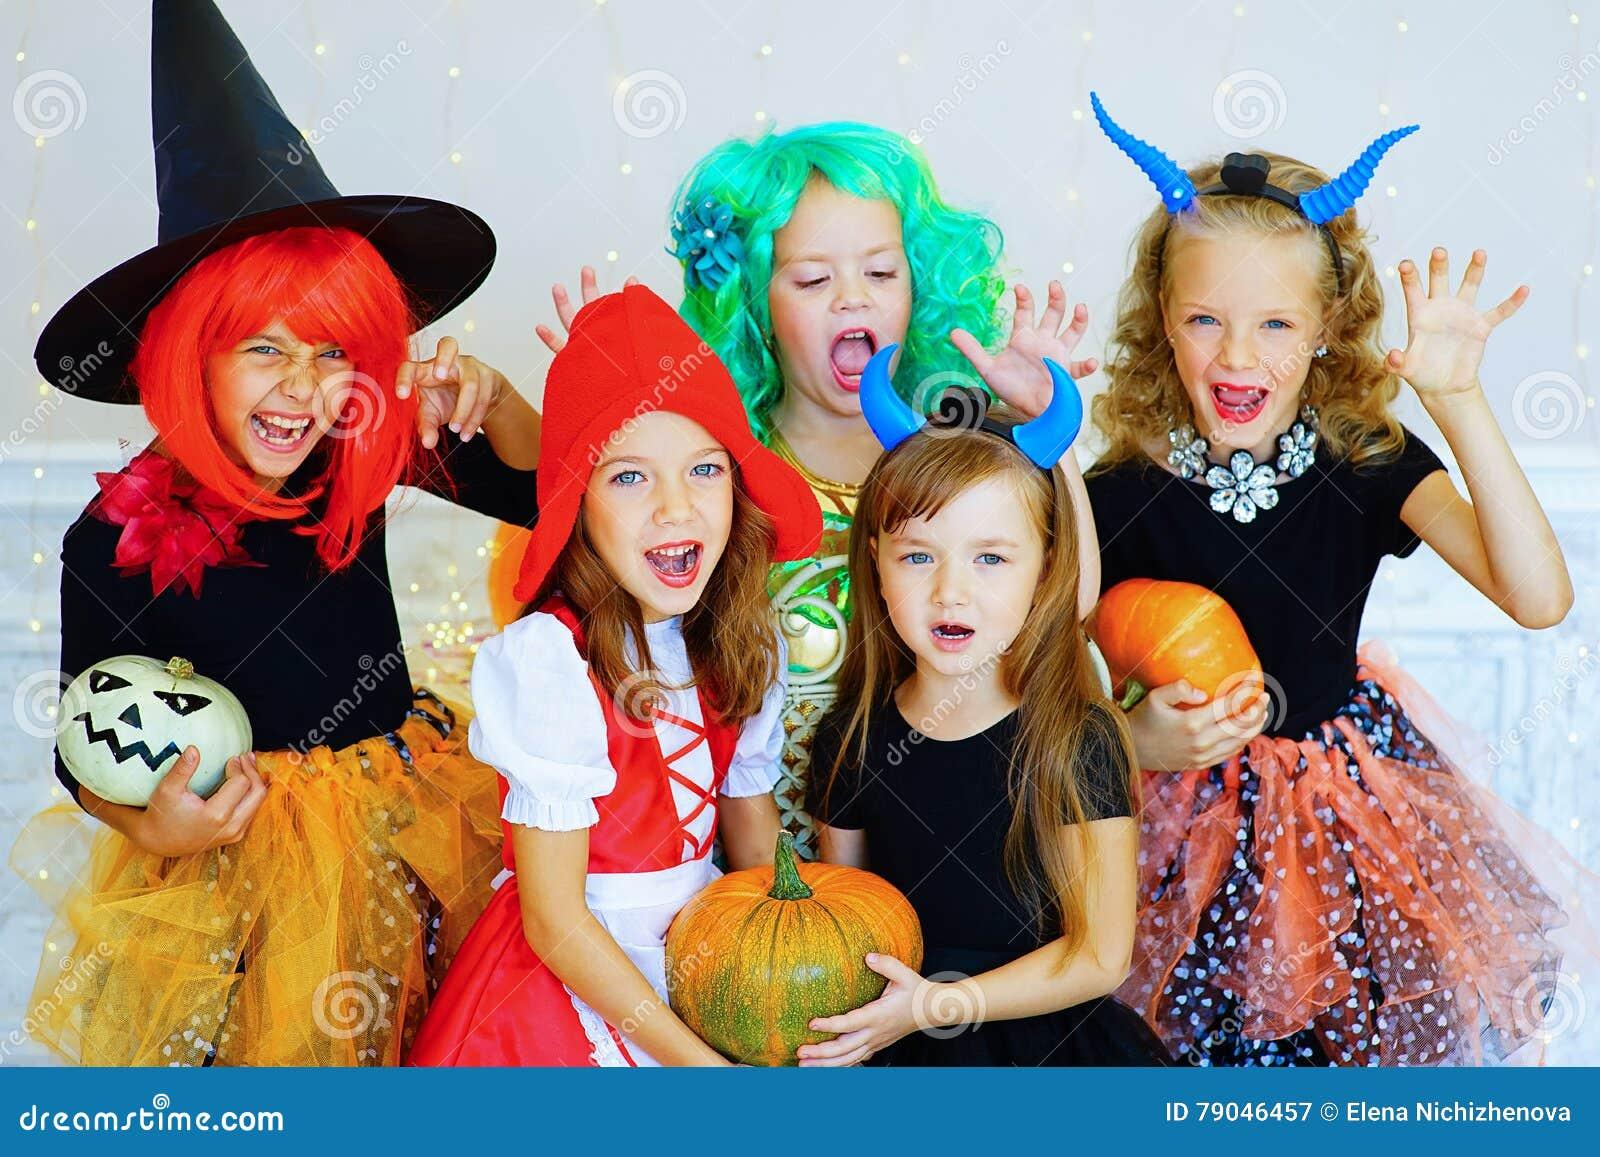 Halloween Gruppo.Gruppo Felice Di Bambini In Costumi Durante Il Partito Di Halloween